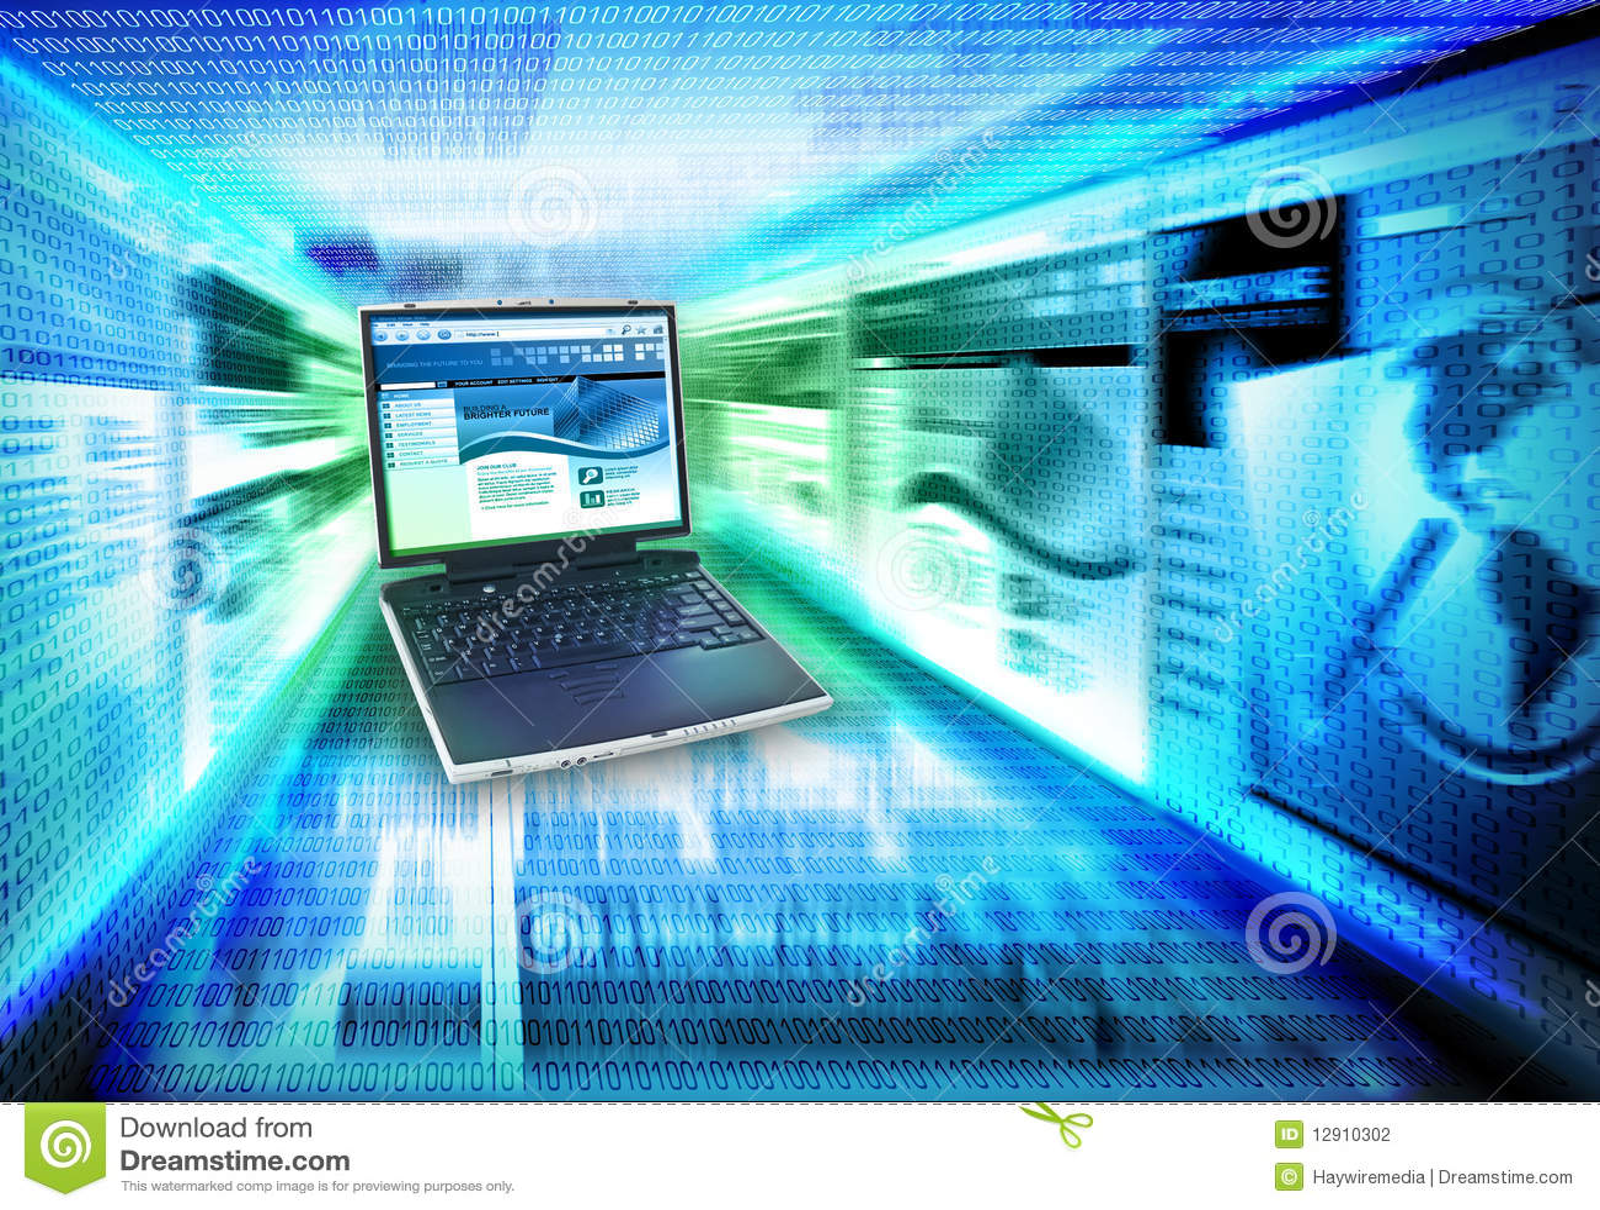 Image result for fotos internet computadora